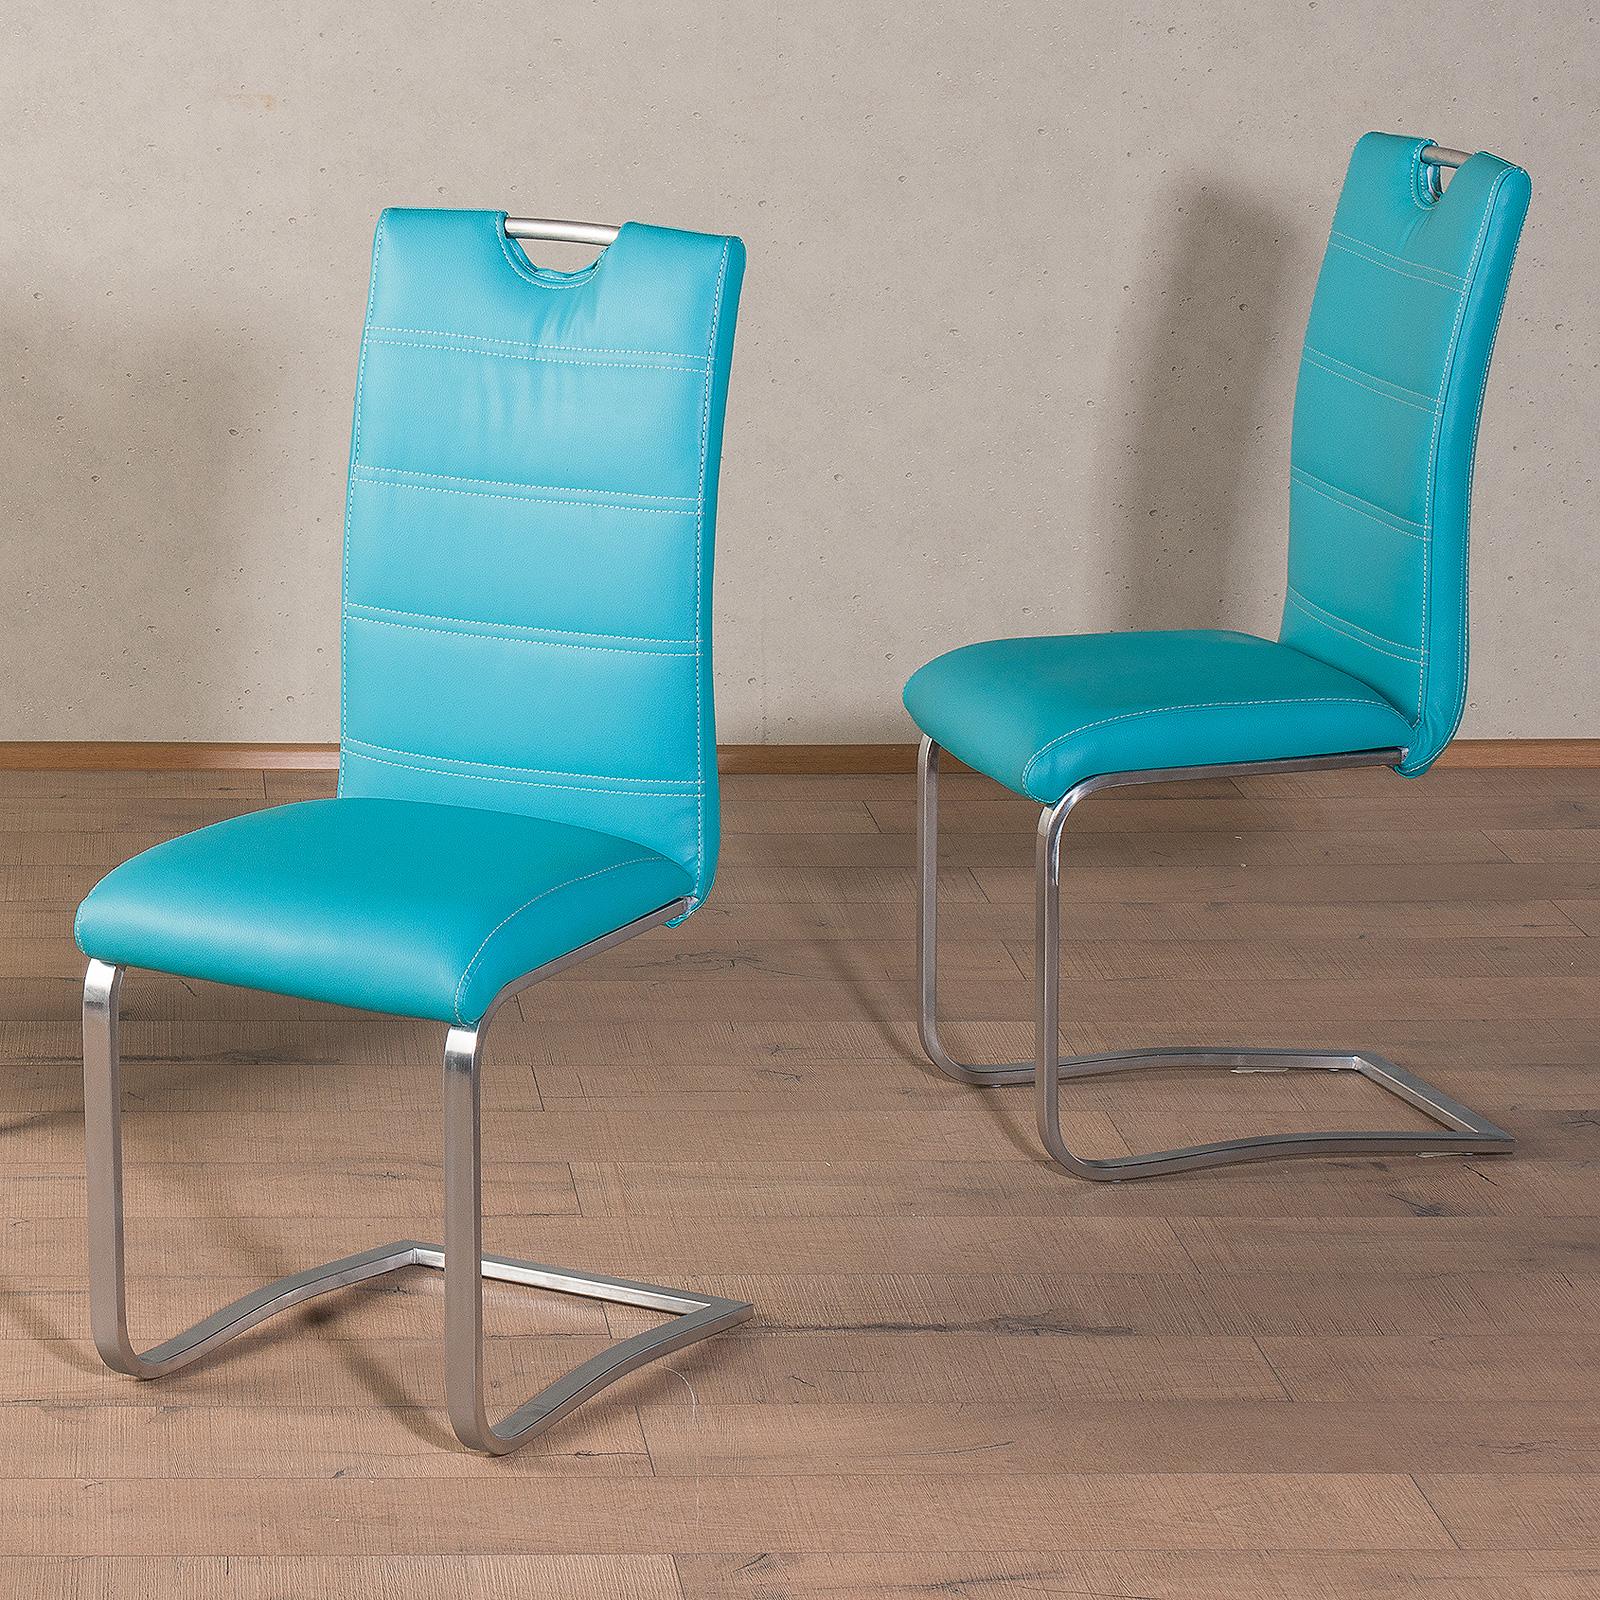 schwingstuhl nicole nicolas 4er set freischwinger. Black Bedroom Furniture Sets. Home Design Ideas